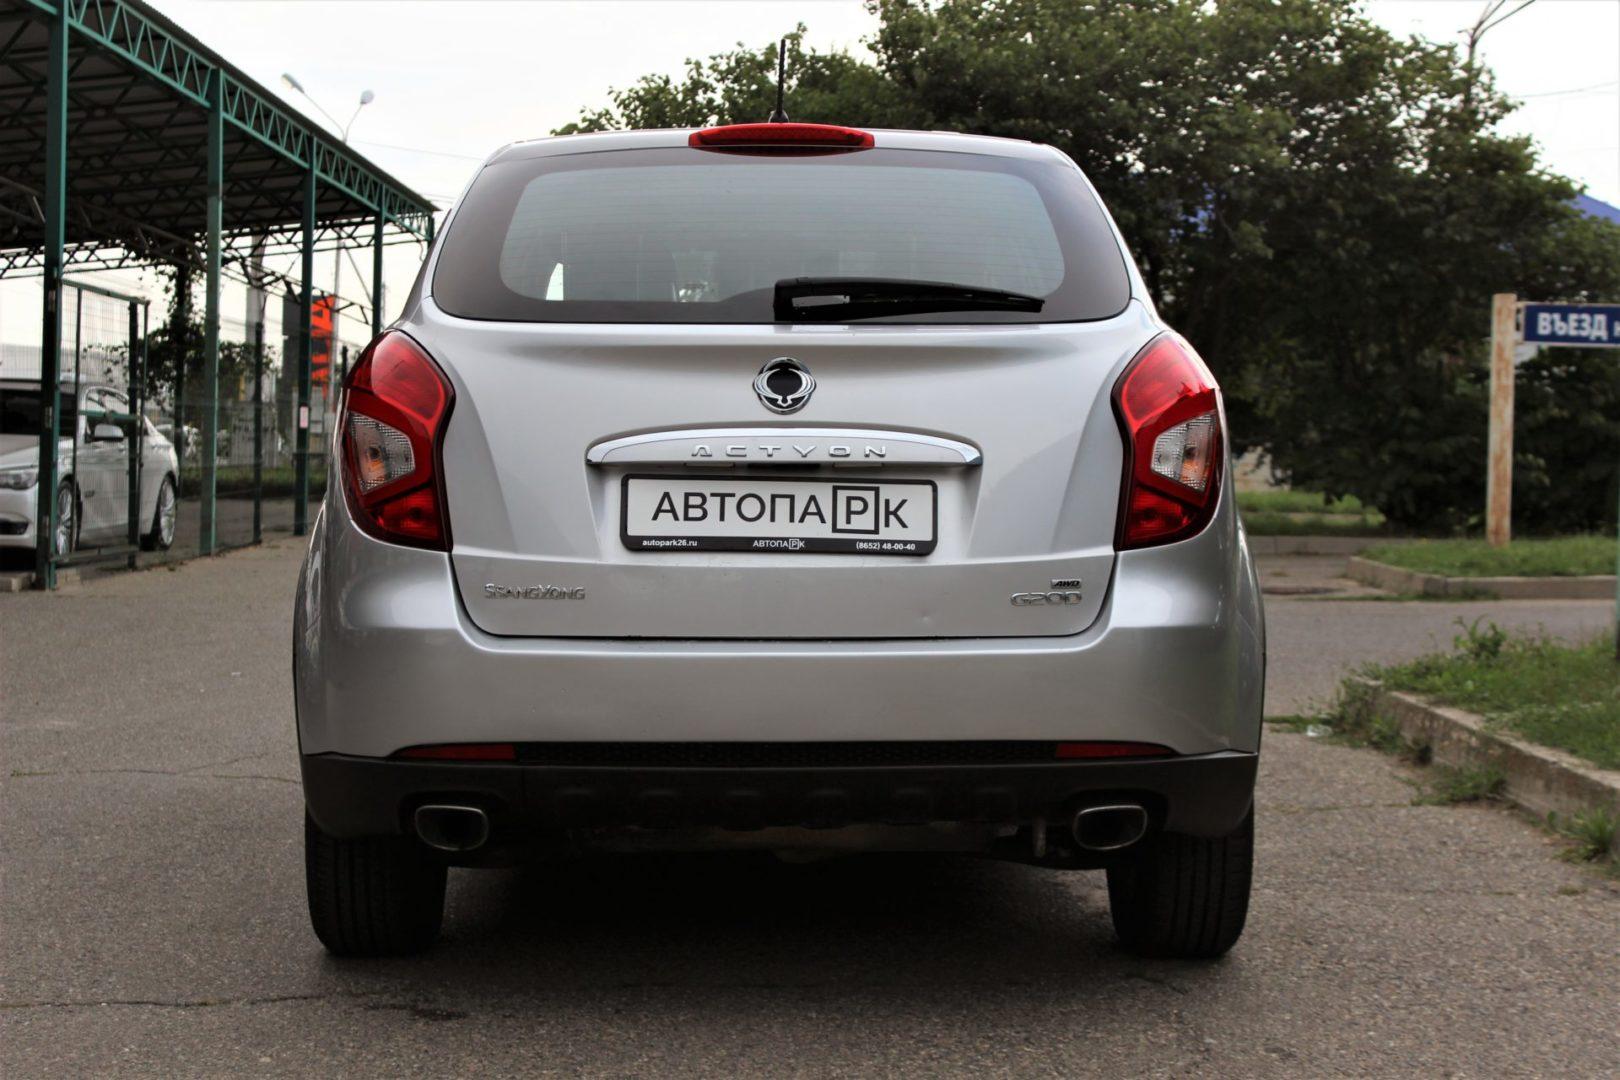 Купить SsangYong Actyon (Серебристый ) - Автопарк Ставрополь